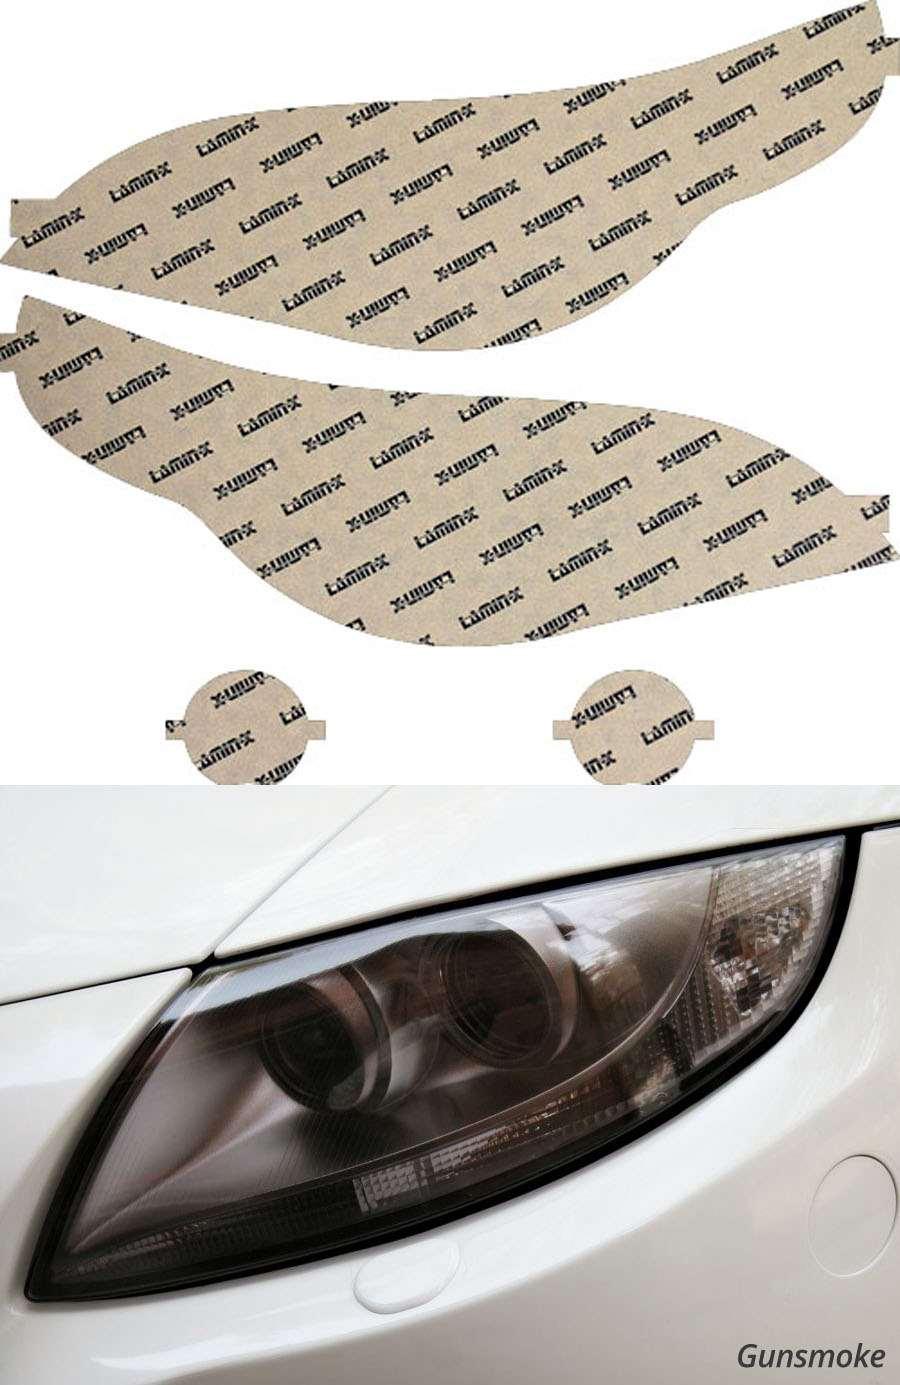 BMW M5 05-10 Gunsmoke Headlight Covers Lamin-X B017-1G